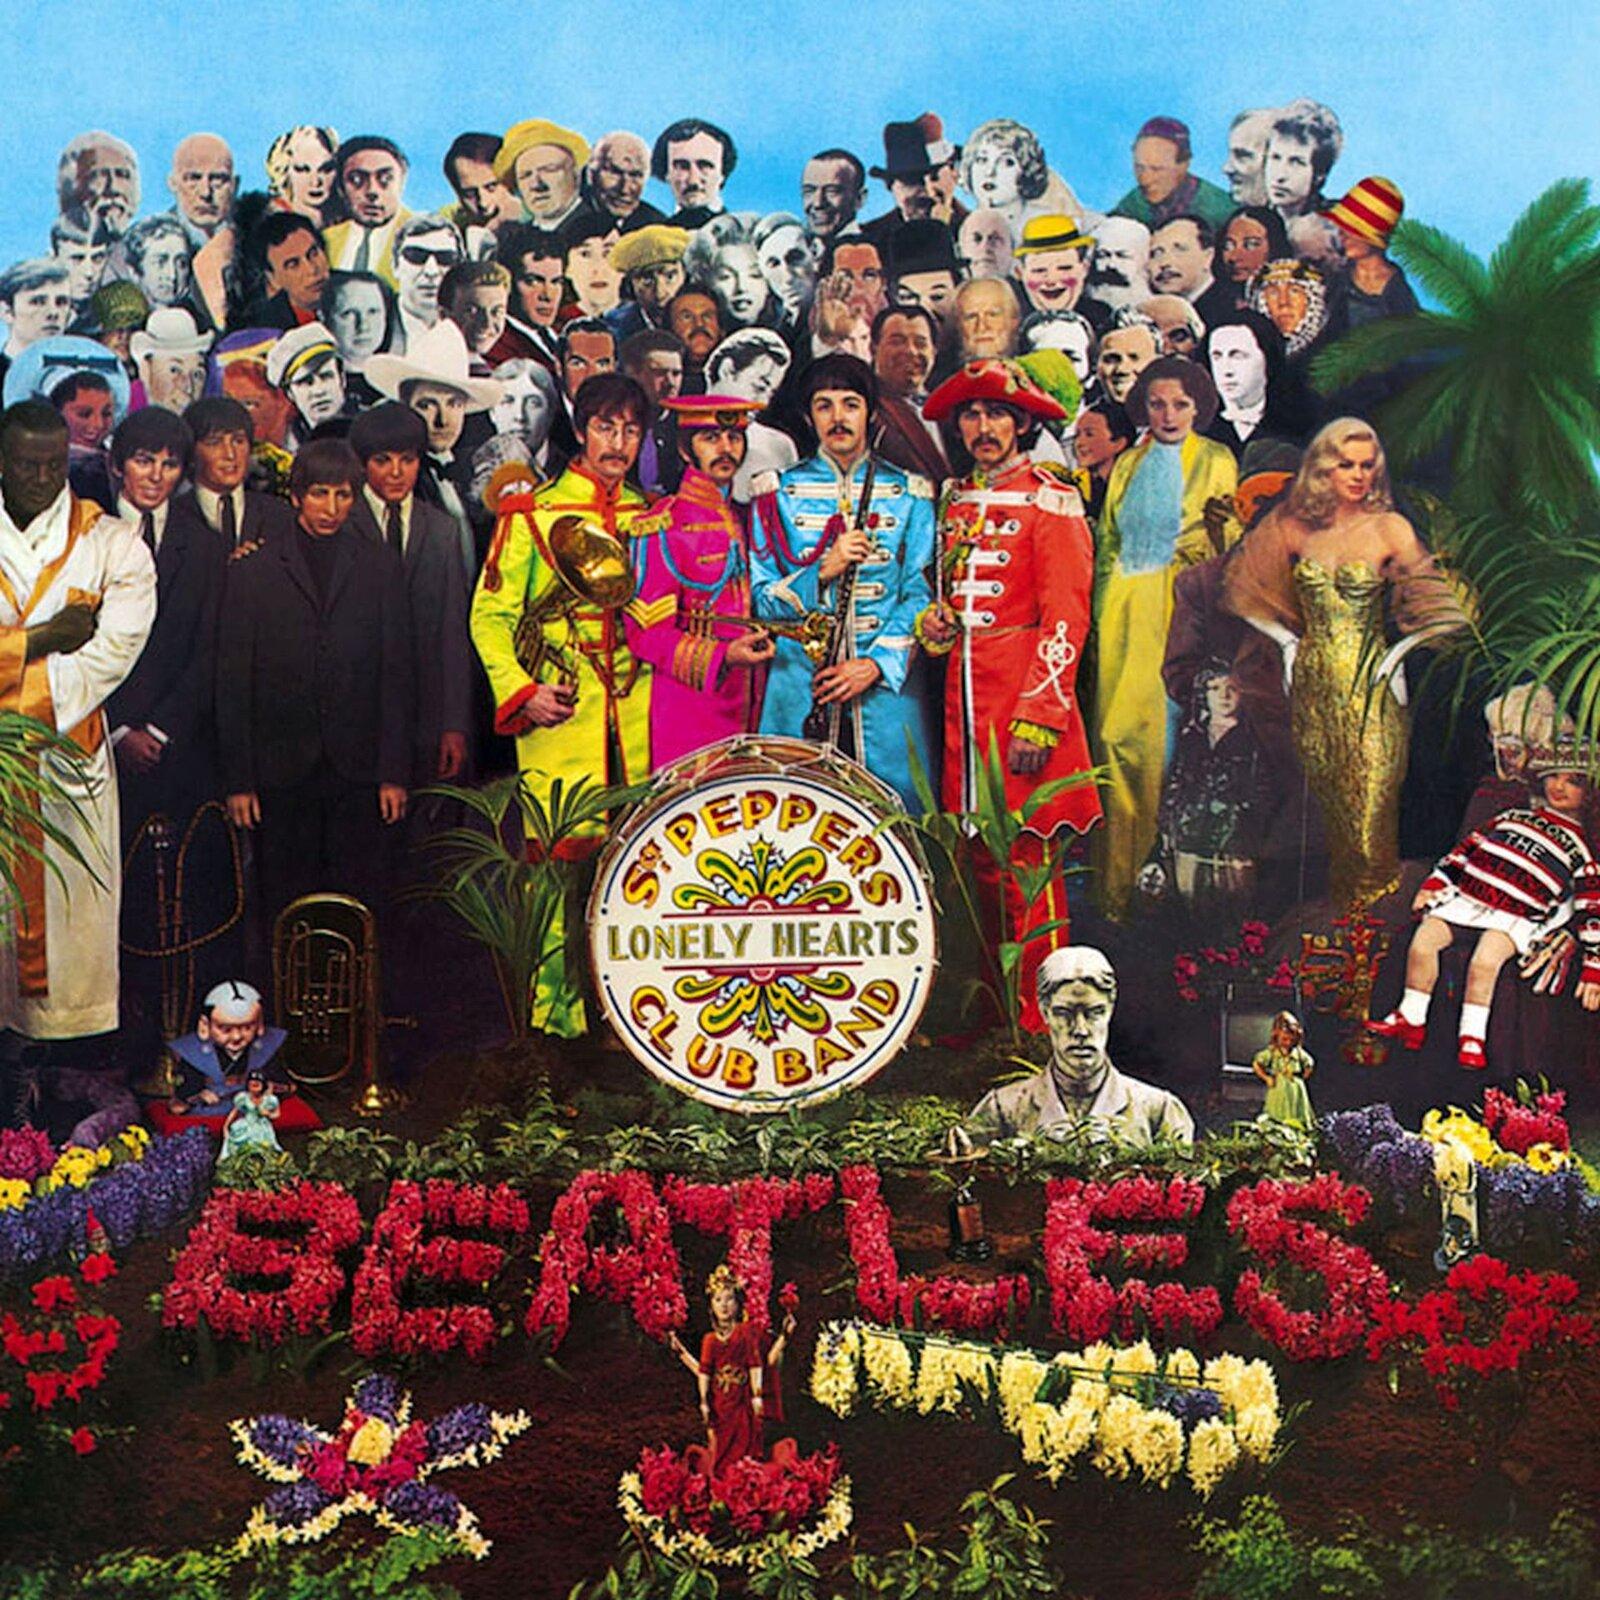 Ilustracja interaktywna przedstawia dużą grupę ludzi wróżnokolorowych strojach uich stup widać kolorowe kwiaty iułożony zczerwonych kwiatów napis Beatles .